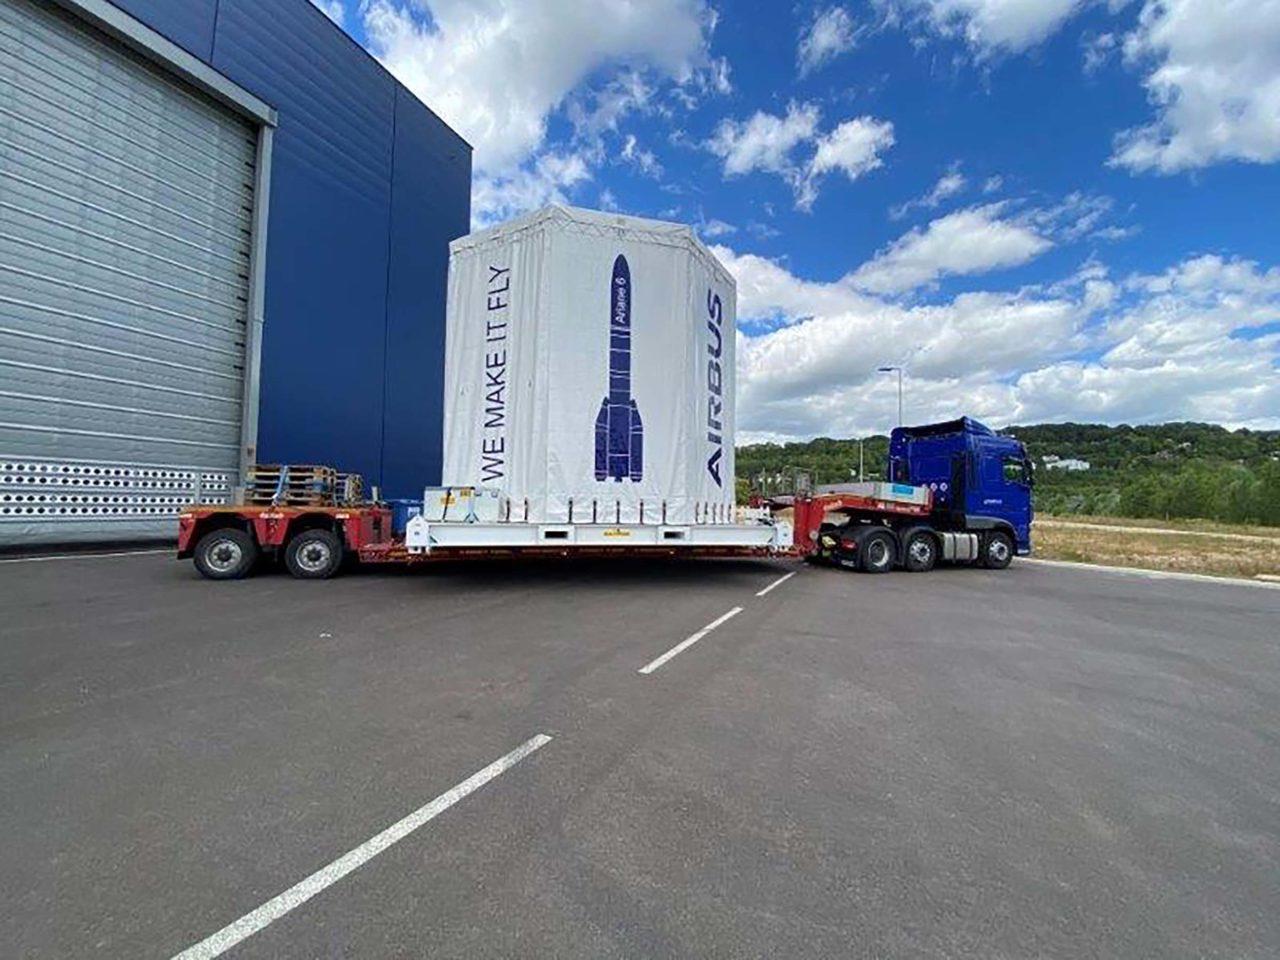 Der Container wurde in den Eingangsbereich der Integrationshalle für die Hauptstufe der Ariane 6 gebracht.